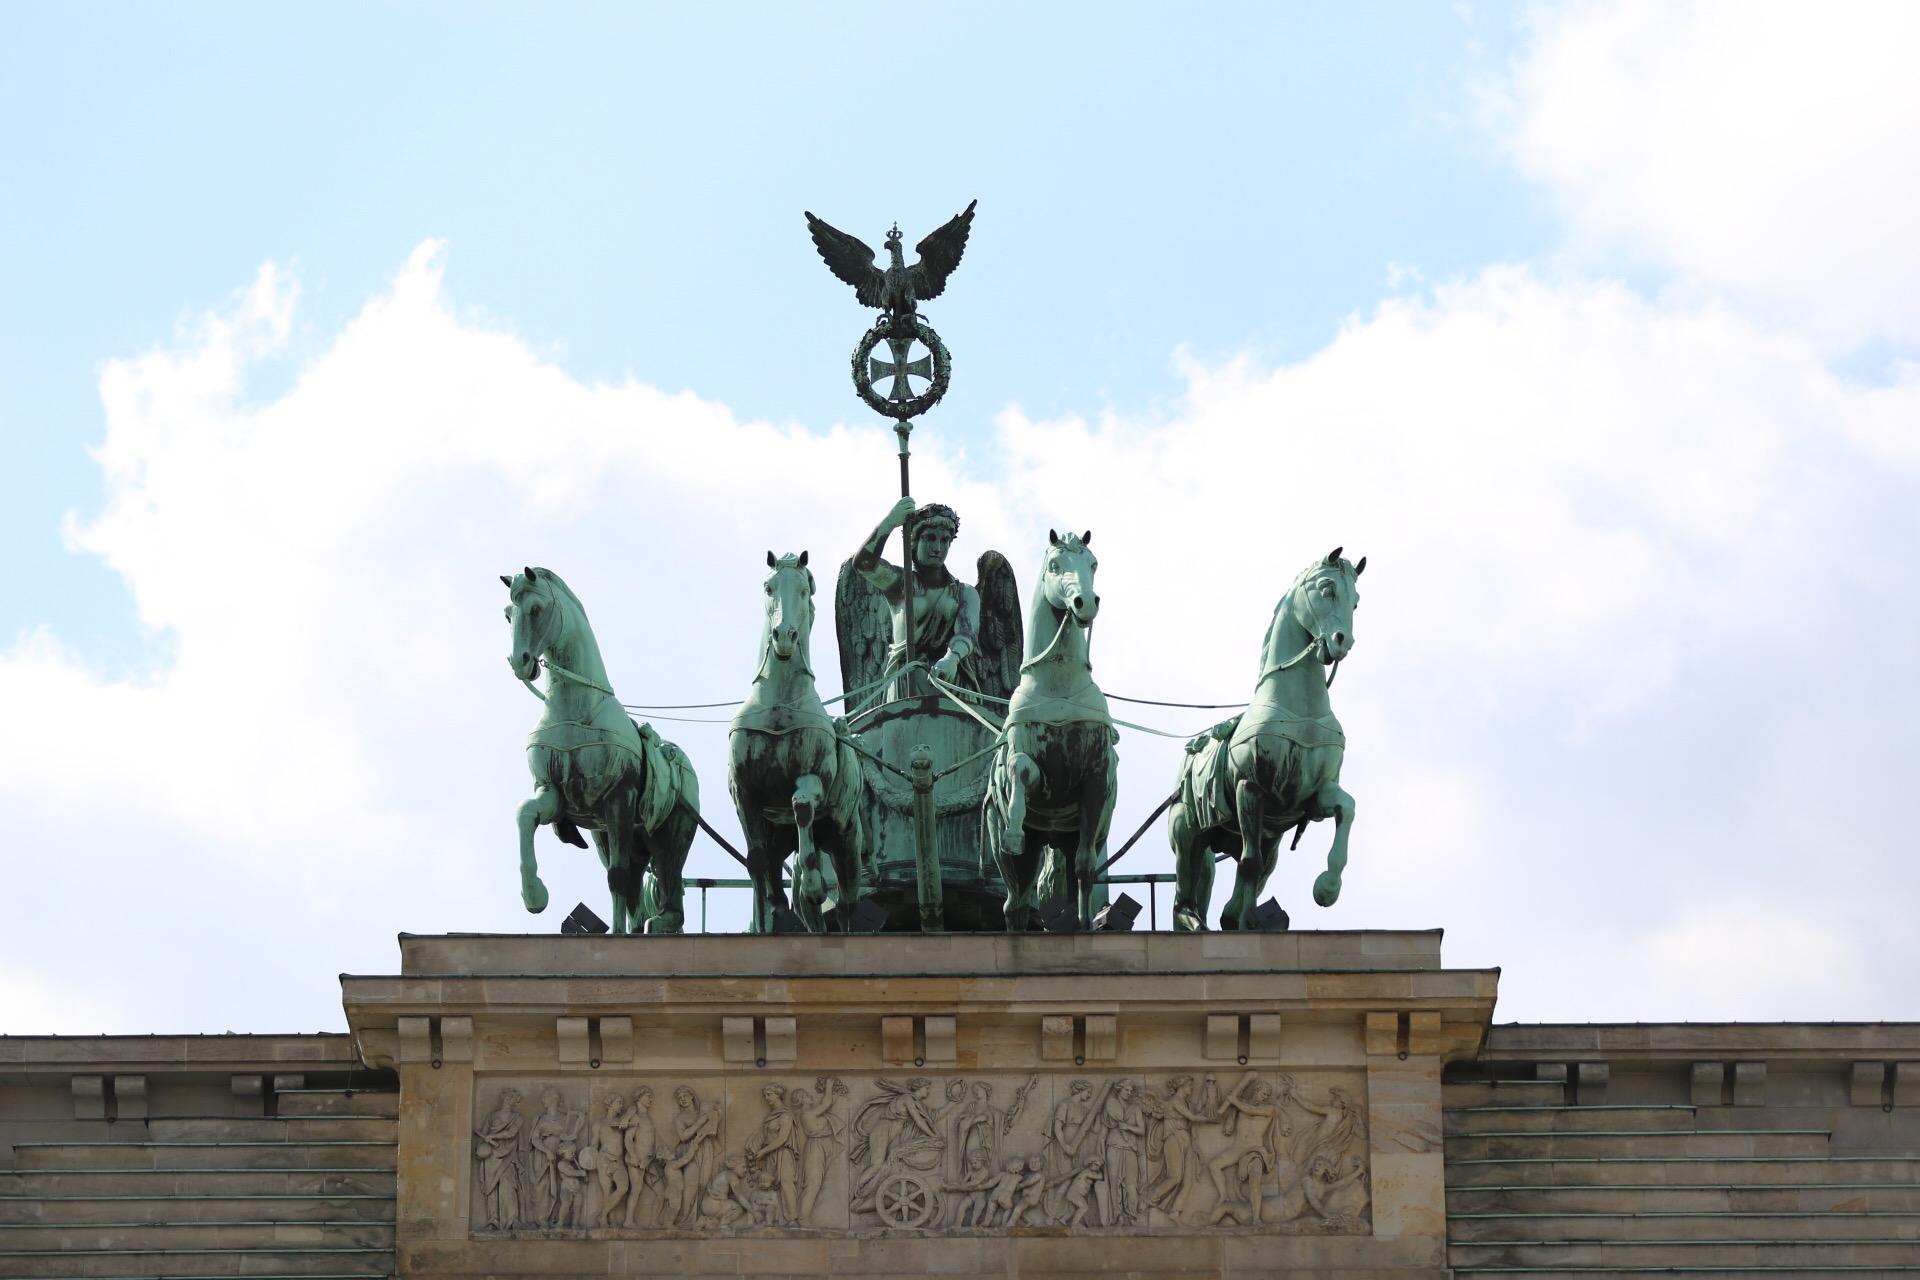 IMG_7902 برلين عاصمة الحرب و السلام , هنا تجدون رحلتي لها مع اهم الاماكن السياحية و الفنادق و الاسواق و بعض المطاعم .